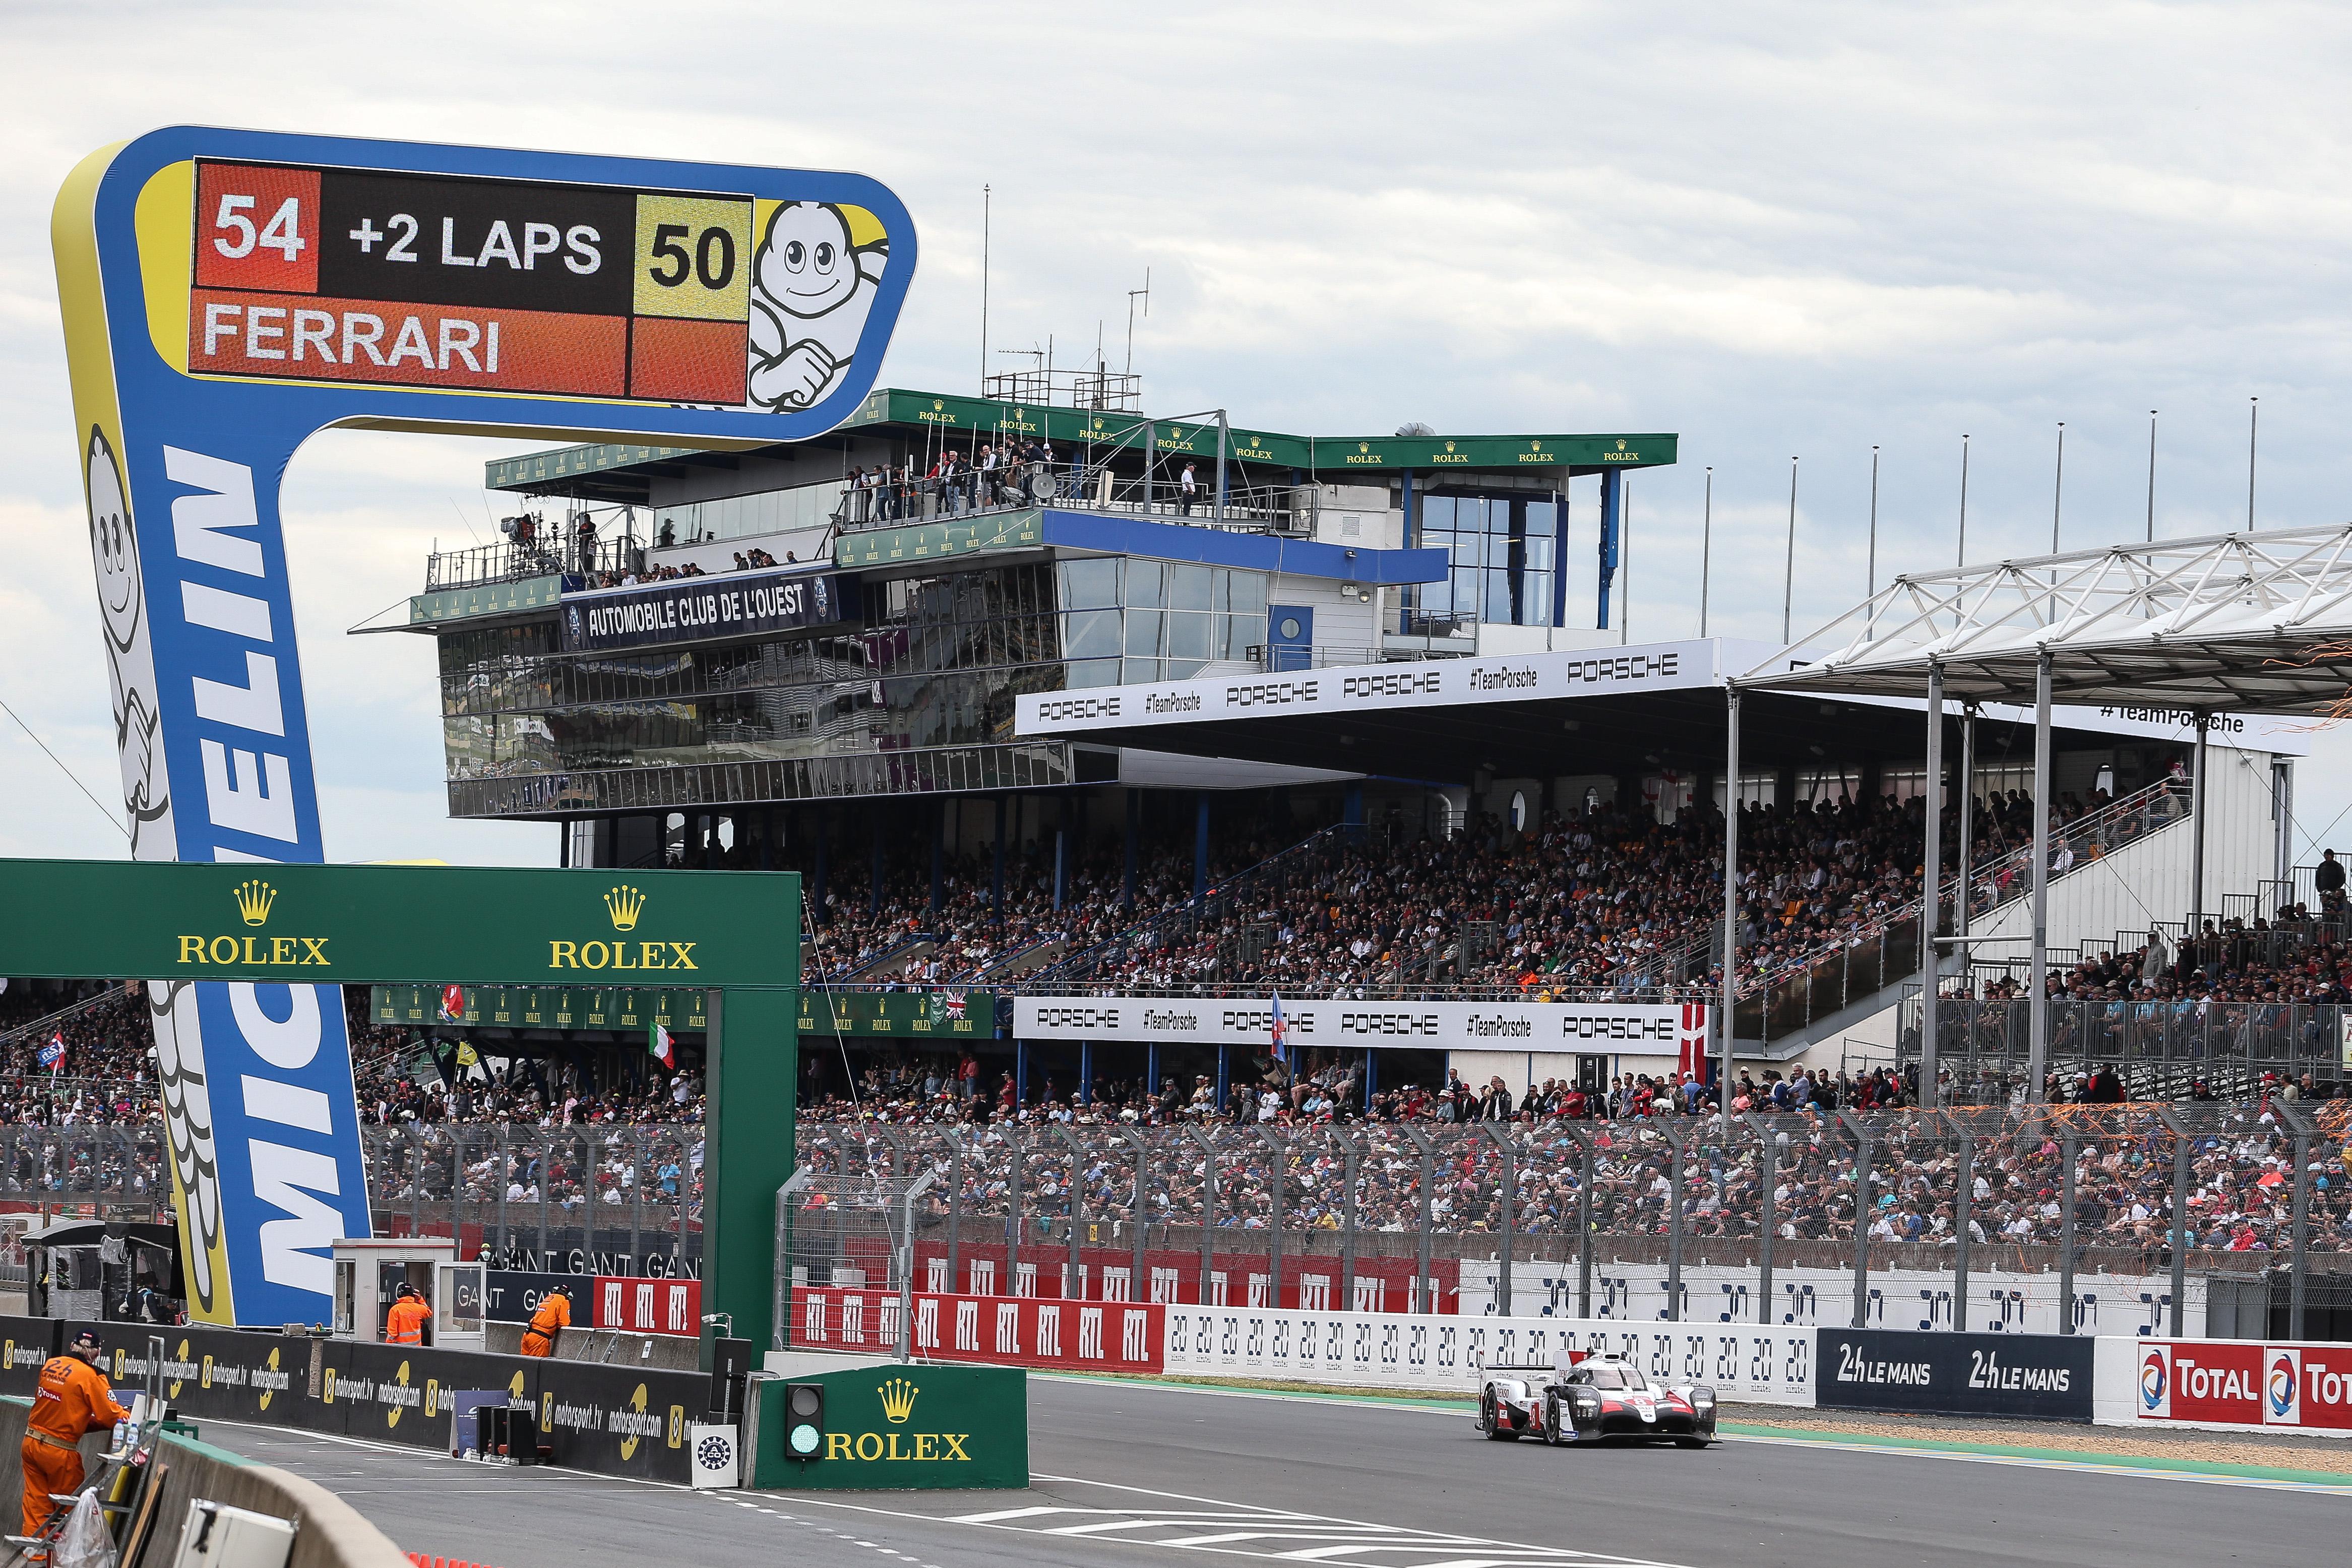 Le Mans 24 Hours postponed